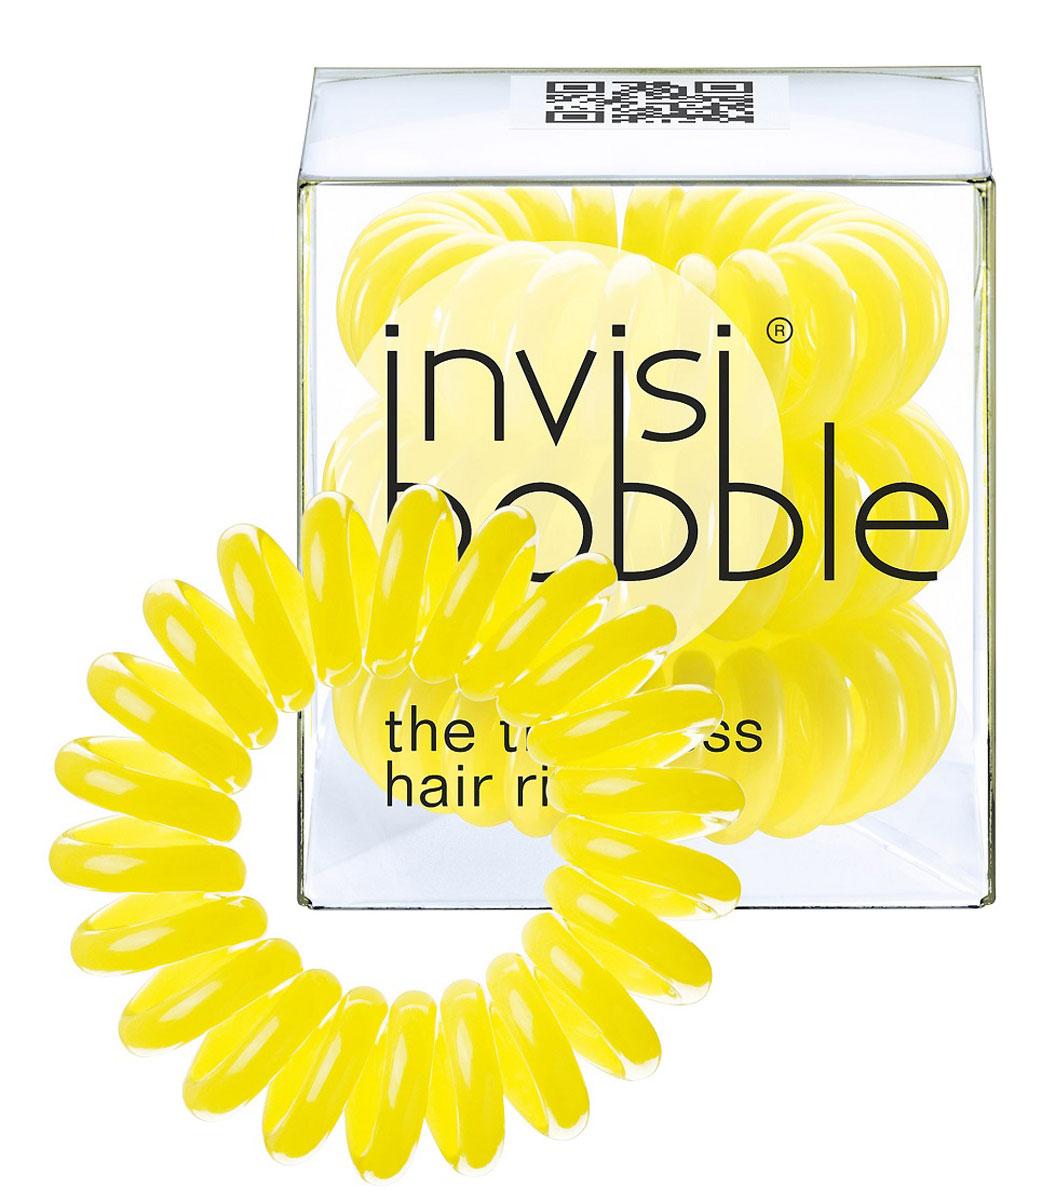 Invisibobble Резинка-браслет для волос Submarine Yellow, 3 шт3005Оригинальные резинки-браслеты Invisibobble в форме телефонного шнура, созданные в Германии.Резинки-браслеты Invisibobble подходят для всех типов волос, надежно фиксируют прическу, не оставляют заломов и не вызывают головную боль благодаря неравномерному распределению давления на волосы. Кроме того, они не намокают и не вызывают аллергию при контакте с кожей, поскольку изготовлены из искусственной смолы. Резинка-браслет Invisibobble черного цвета.C резинками Invisibobble можно легко создавать разнообразные прически. Резинки прочно держат волосы любой длины, при этом, не стягивая их слишком туго. Телефонный провод позволяет с легкостью и без вреда для волос протягивать пряди под спираль и ослаблять уже закрепленные для придания объема прическе. Invisibobble Original идеально подходят для ежедневного применения.Не комедогенна.